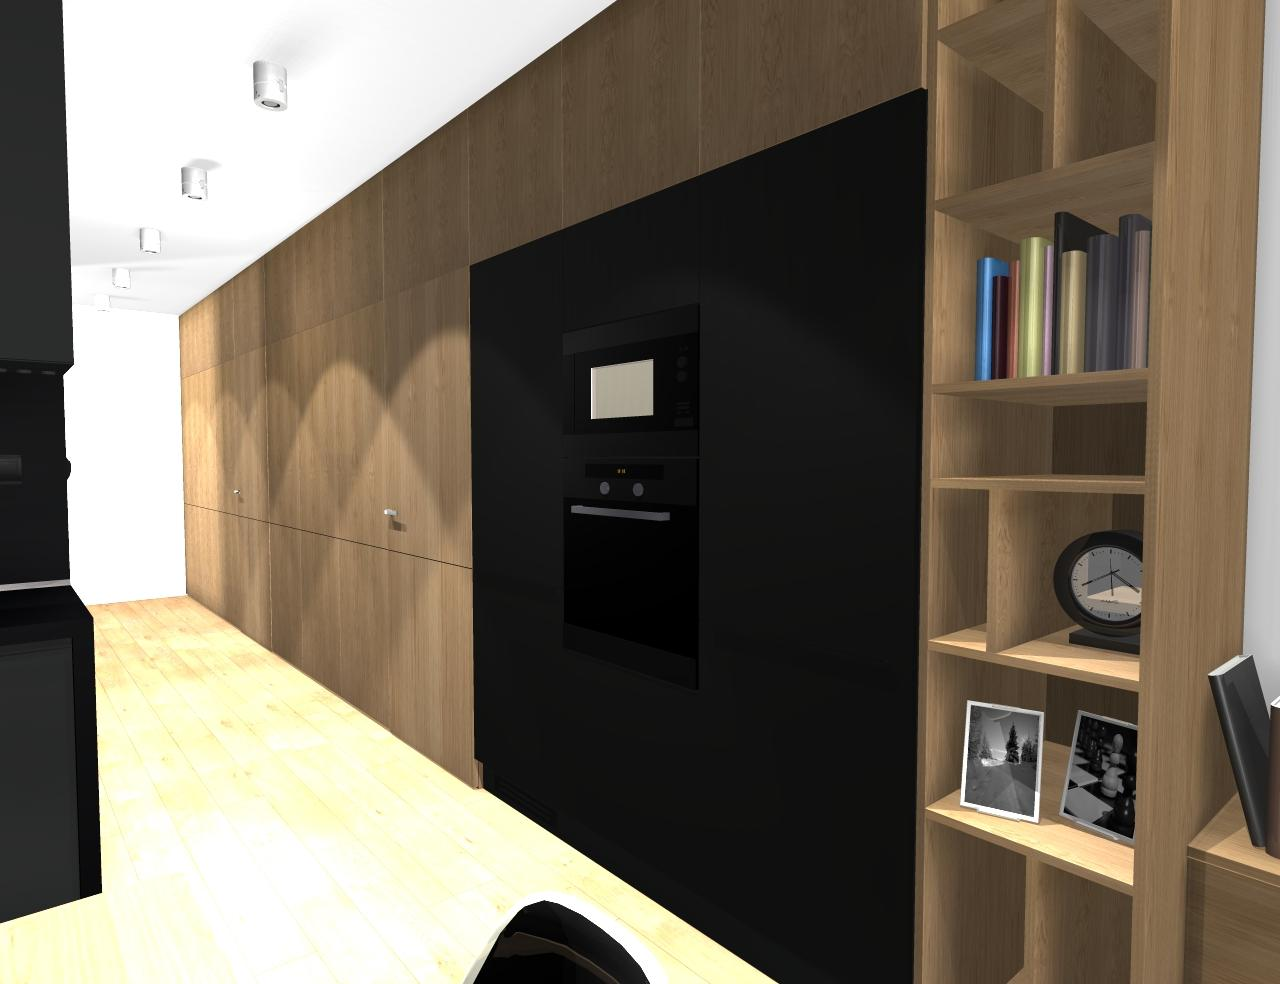 Grafické návrhy bytov - Zariadenie trojizbového bytu v BB - návrh vysokých skríň v prechodovej chodbe - obr.1